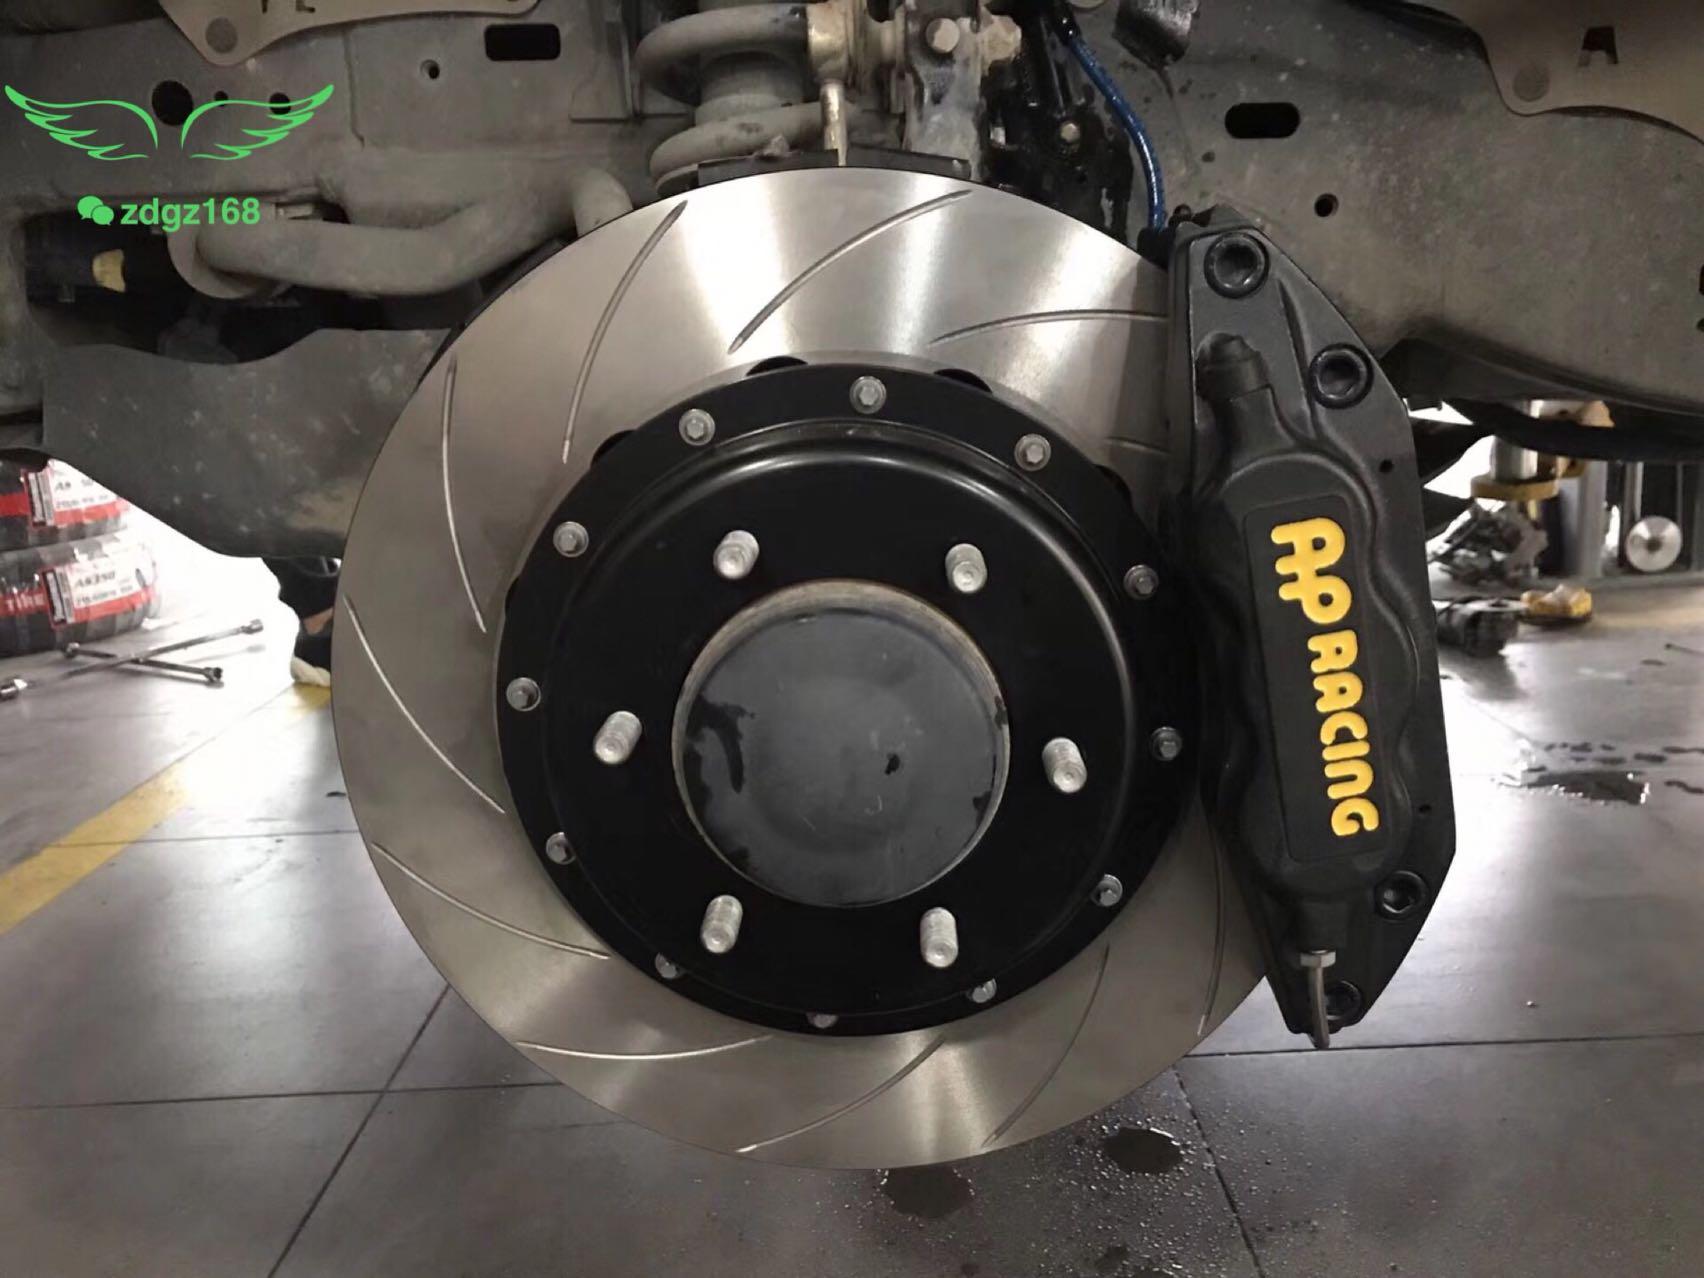 丰田普拉多刹车升级前轮英国Ap7040六活塞套装,原厂18寸轮毂,原装位直接安装!